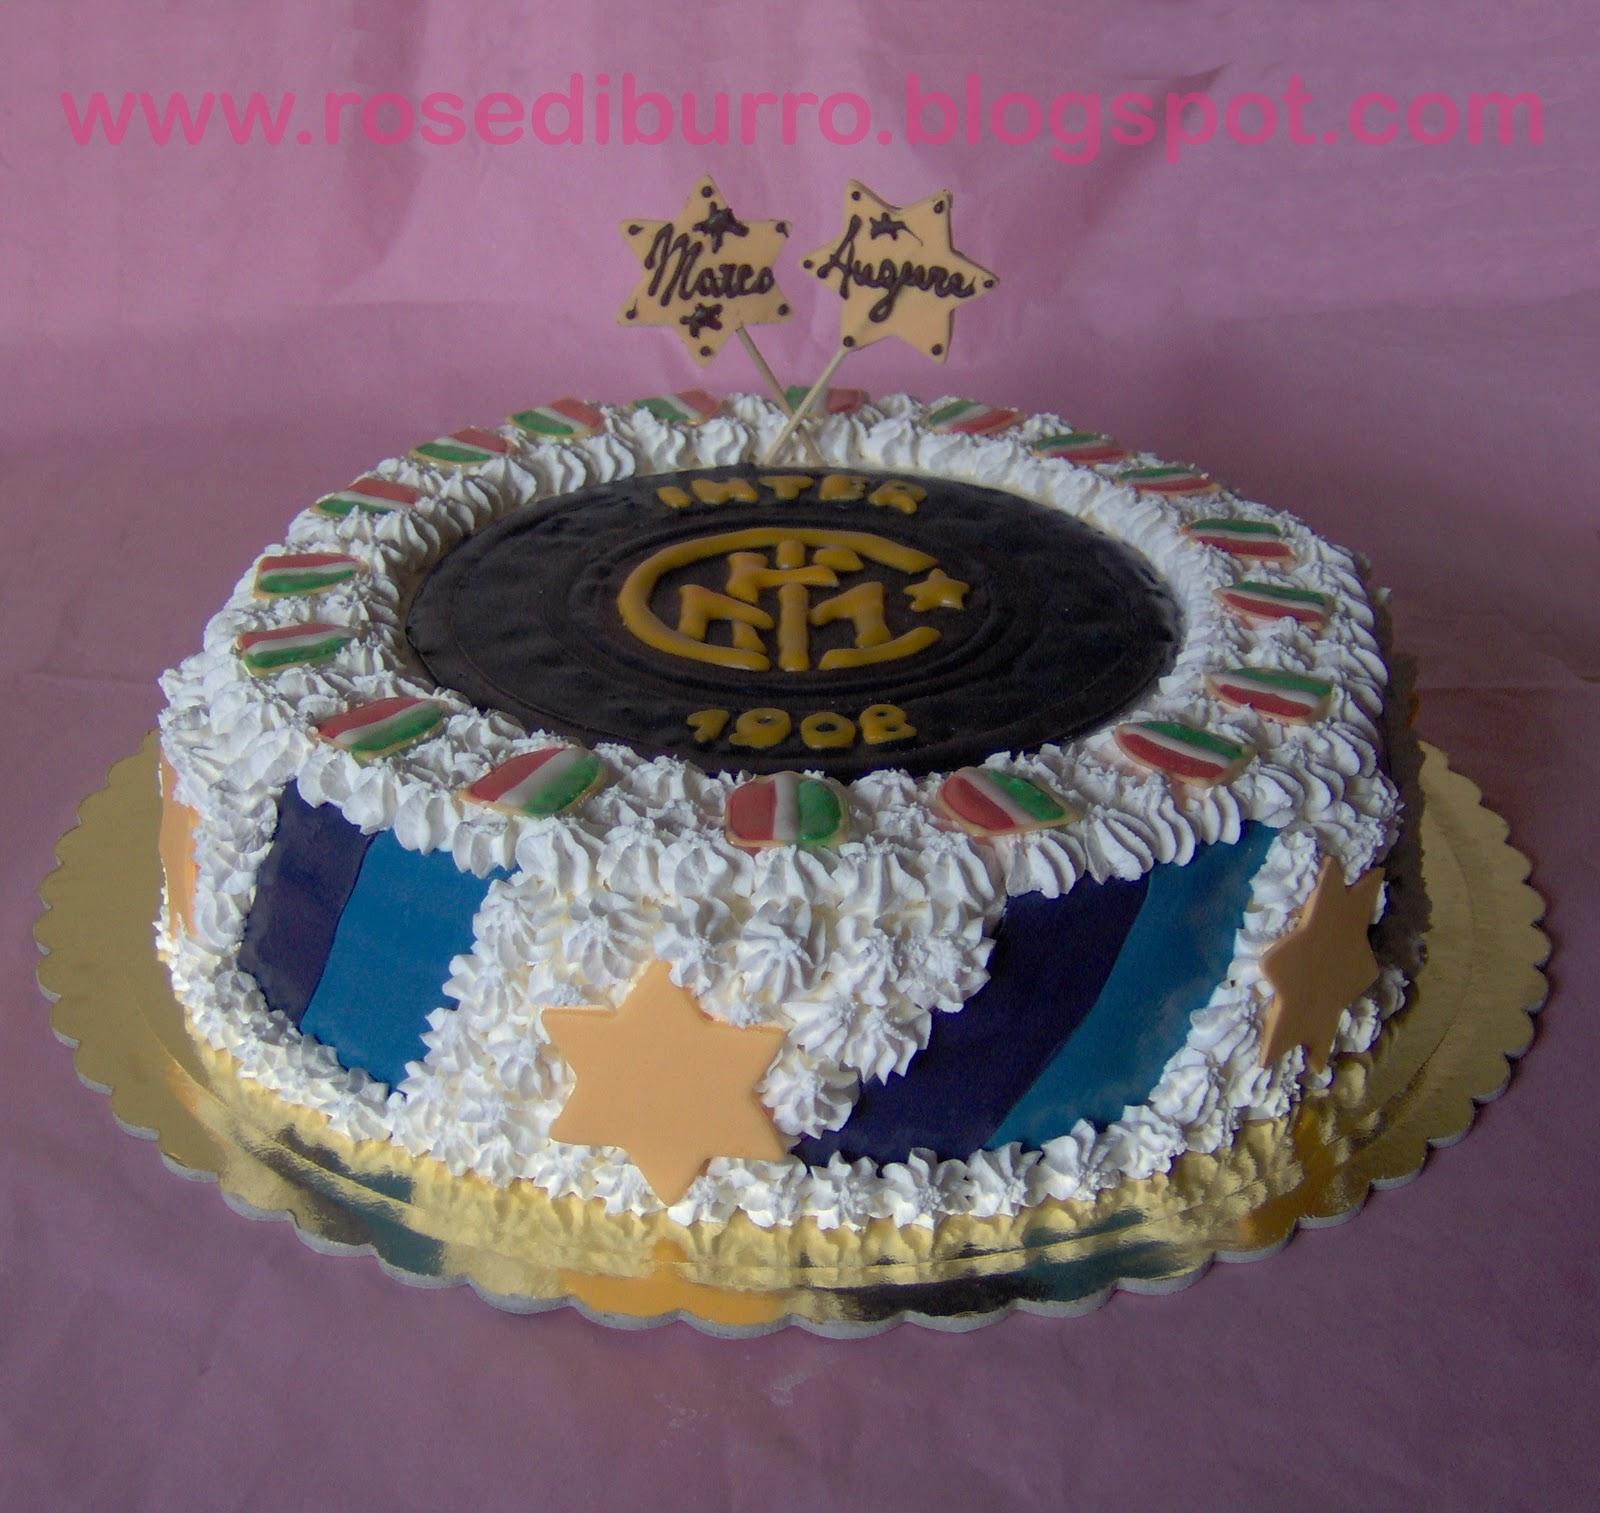 Conosciuto Rose di Burro: La Torta Inter FG57